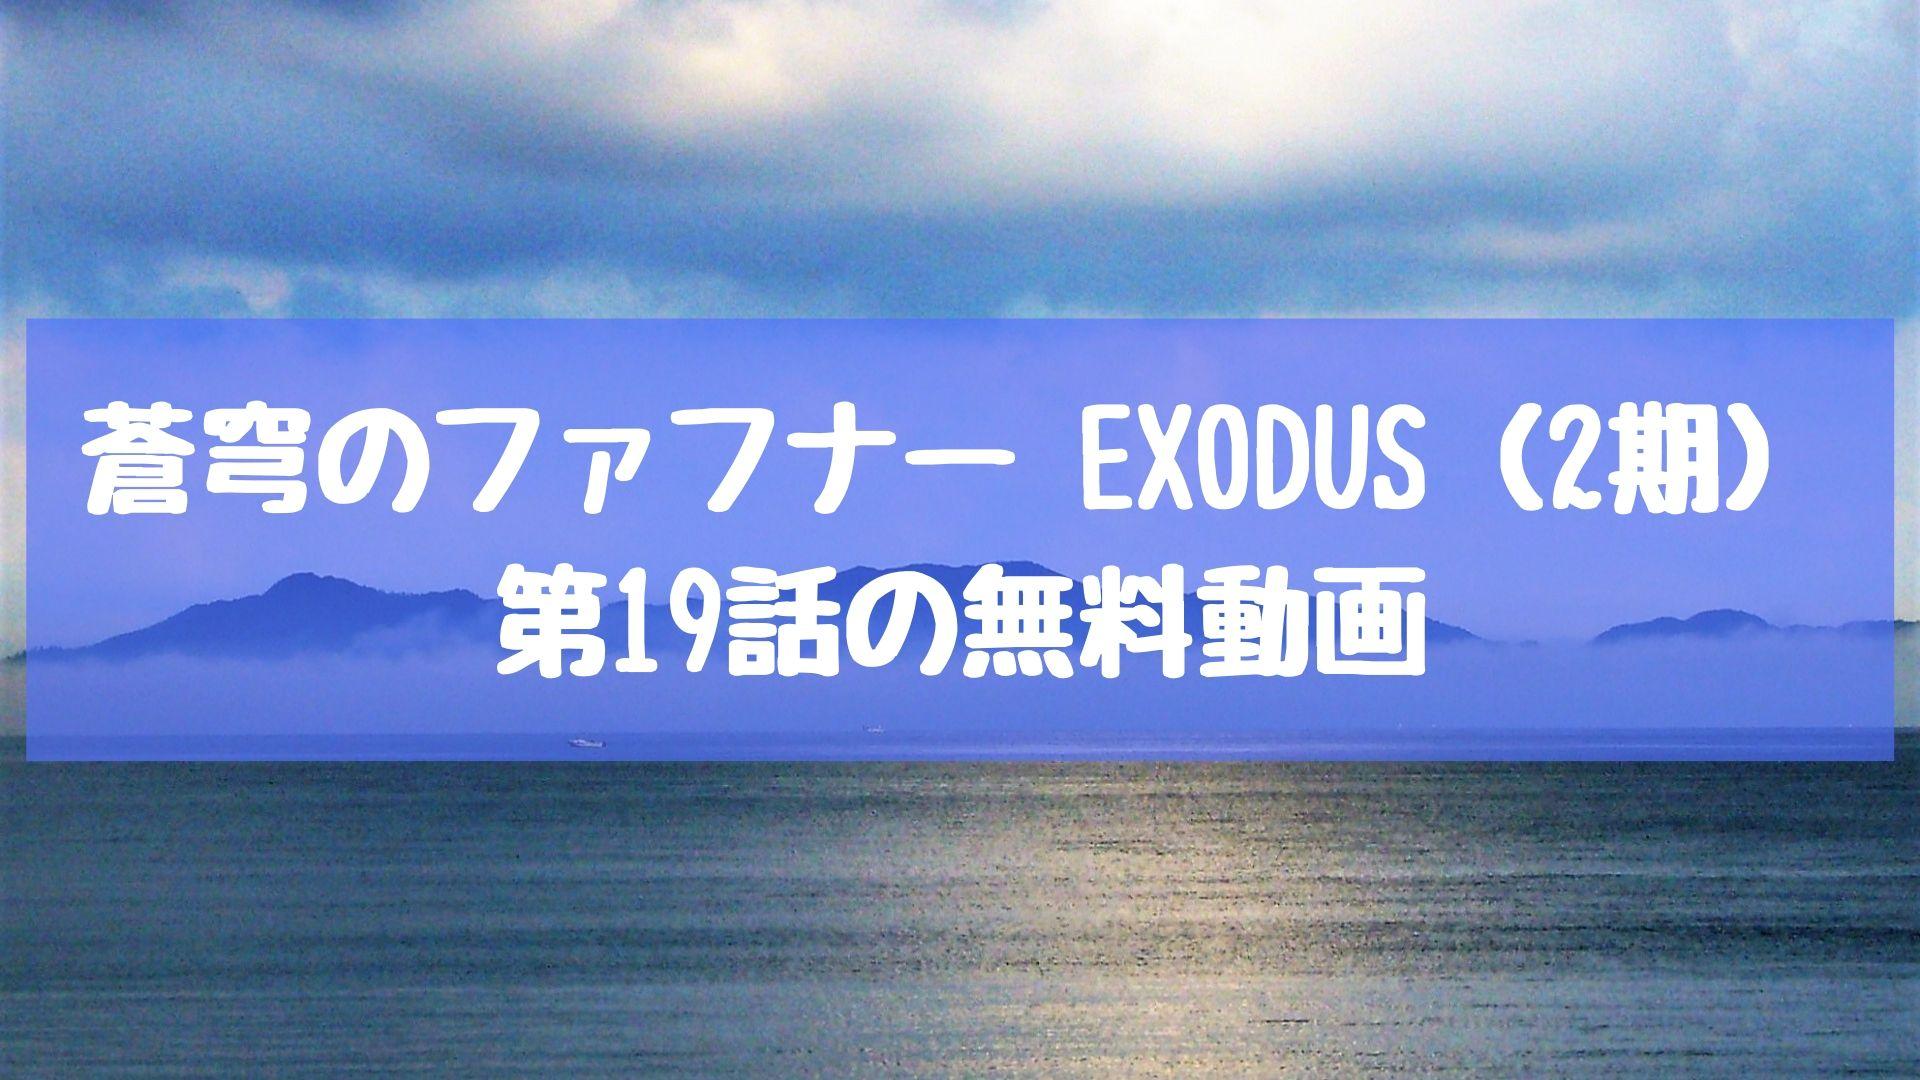 蒼穹のファフナー EXODUS(2期) 第19話の無料動画